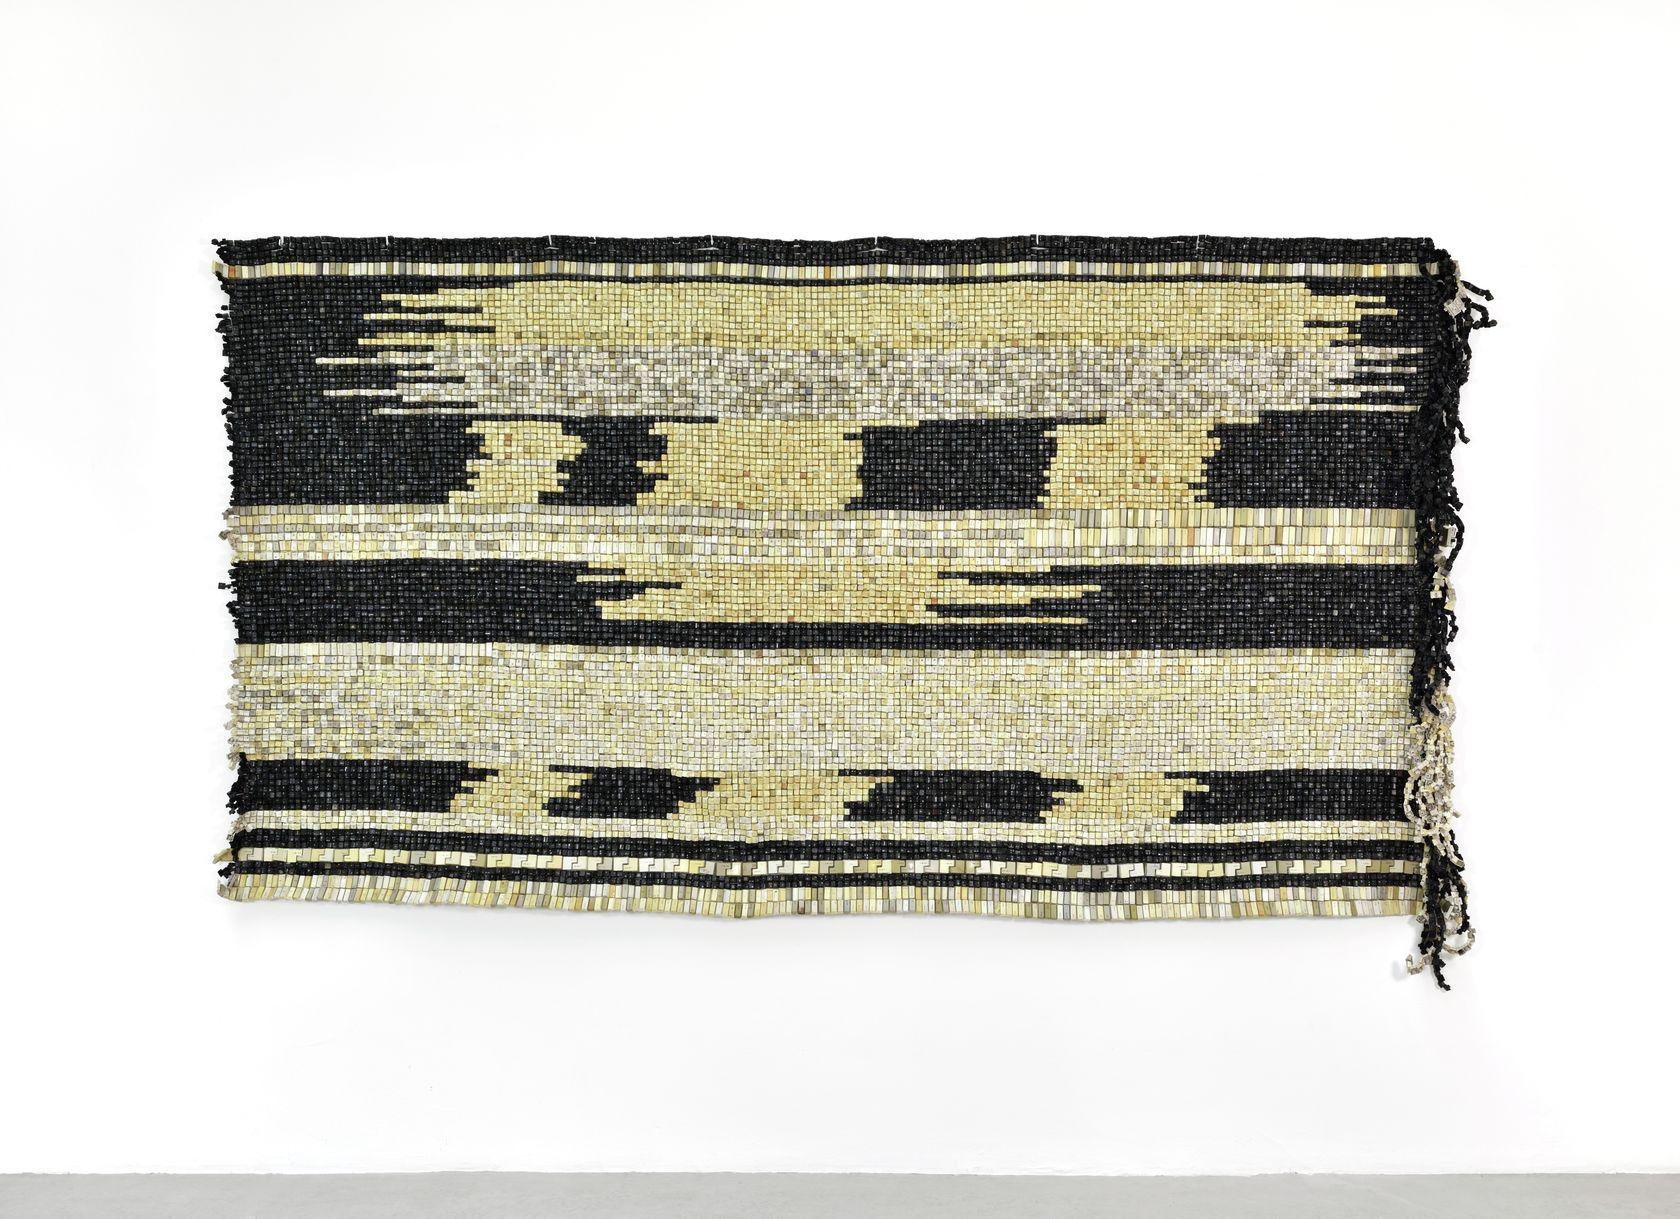 Moffat Takadiwa, 1930 Land Apportionment Act, 2020 Touches de clavier en plastique206.5 × 335 × 15 cm / 81 2/8 × 131 7/8 × 5 7/8 in.